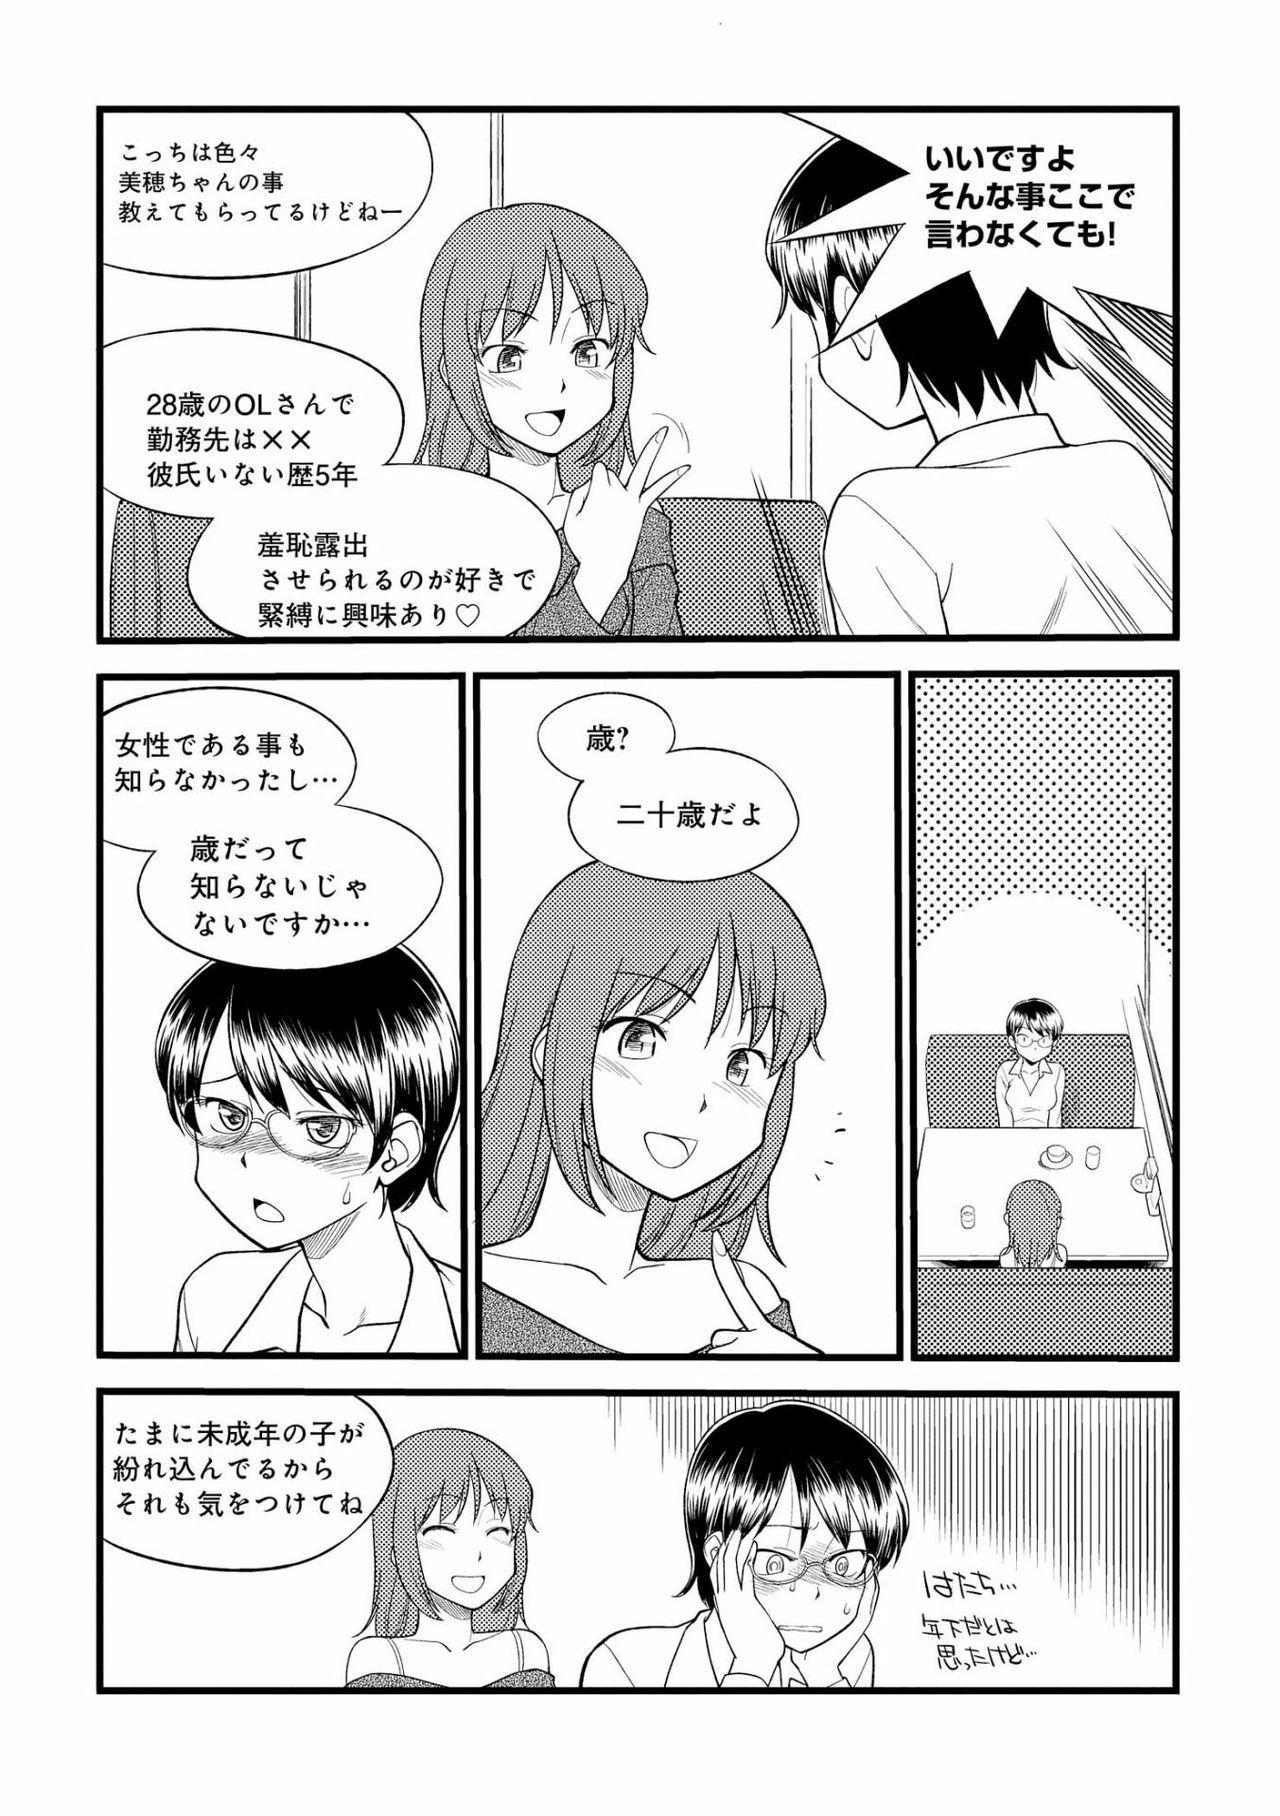 [Mitsuba] Karada mo Kokoro mo Boku no Mono ~Hajimete no SM Guide~ 2 [Digital] 36